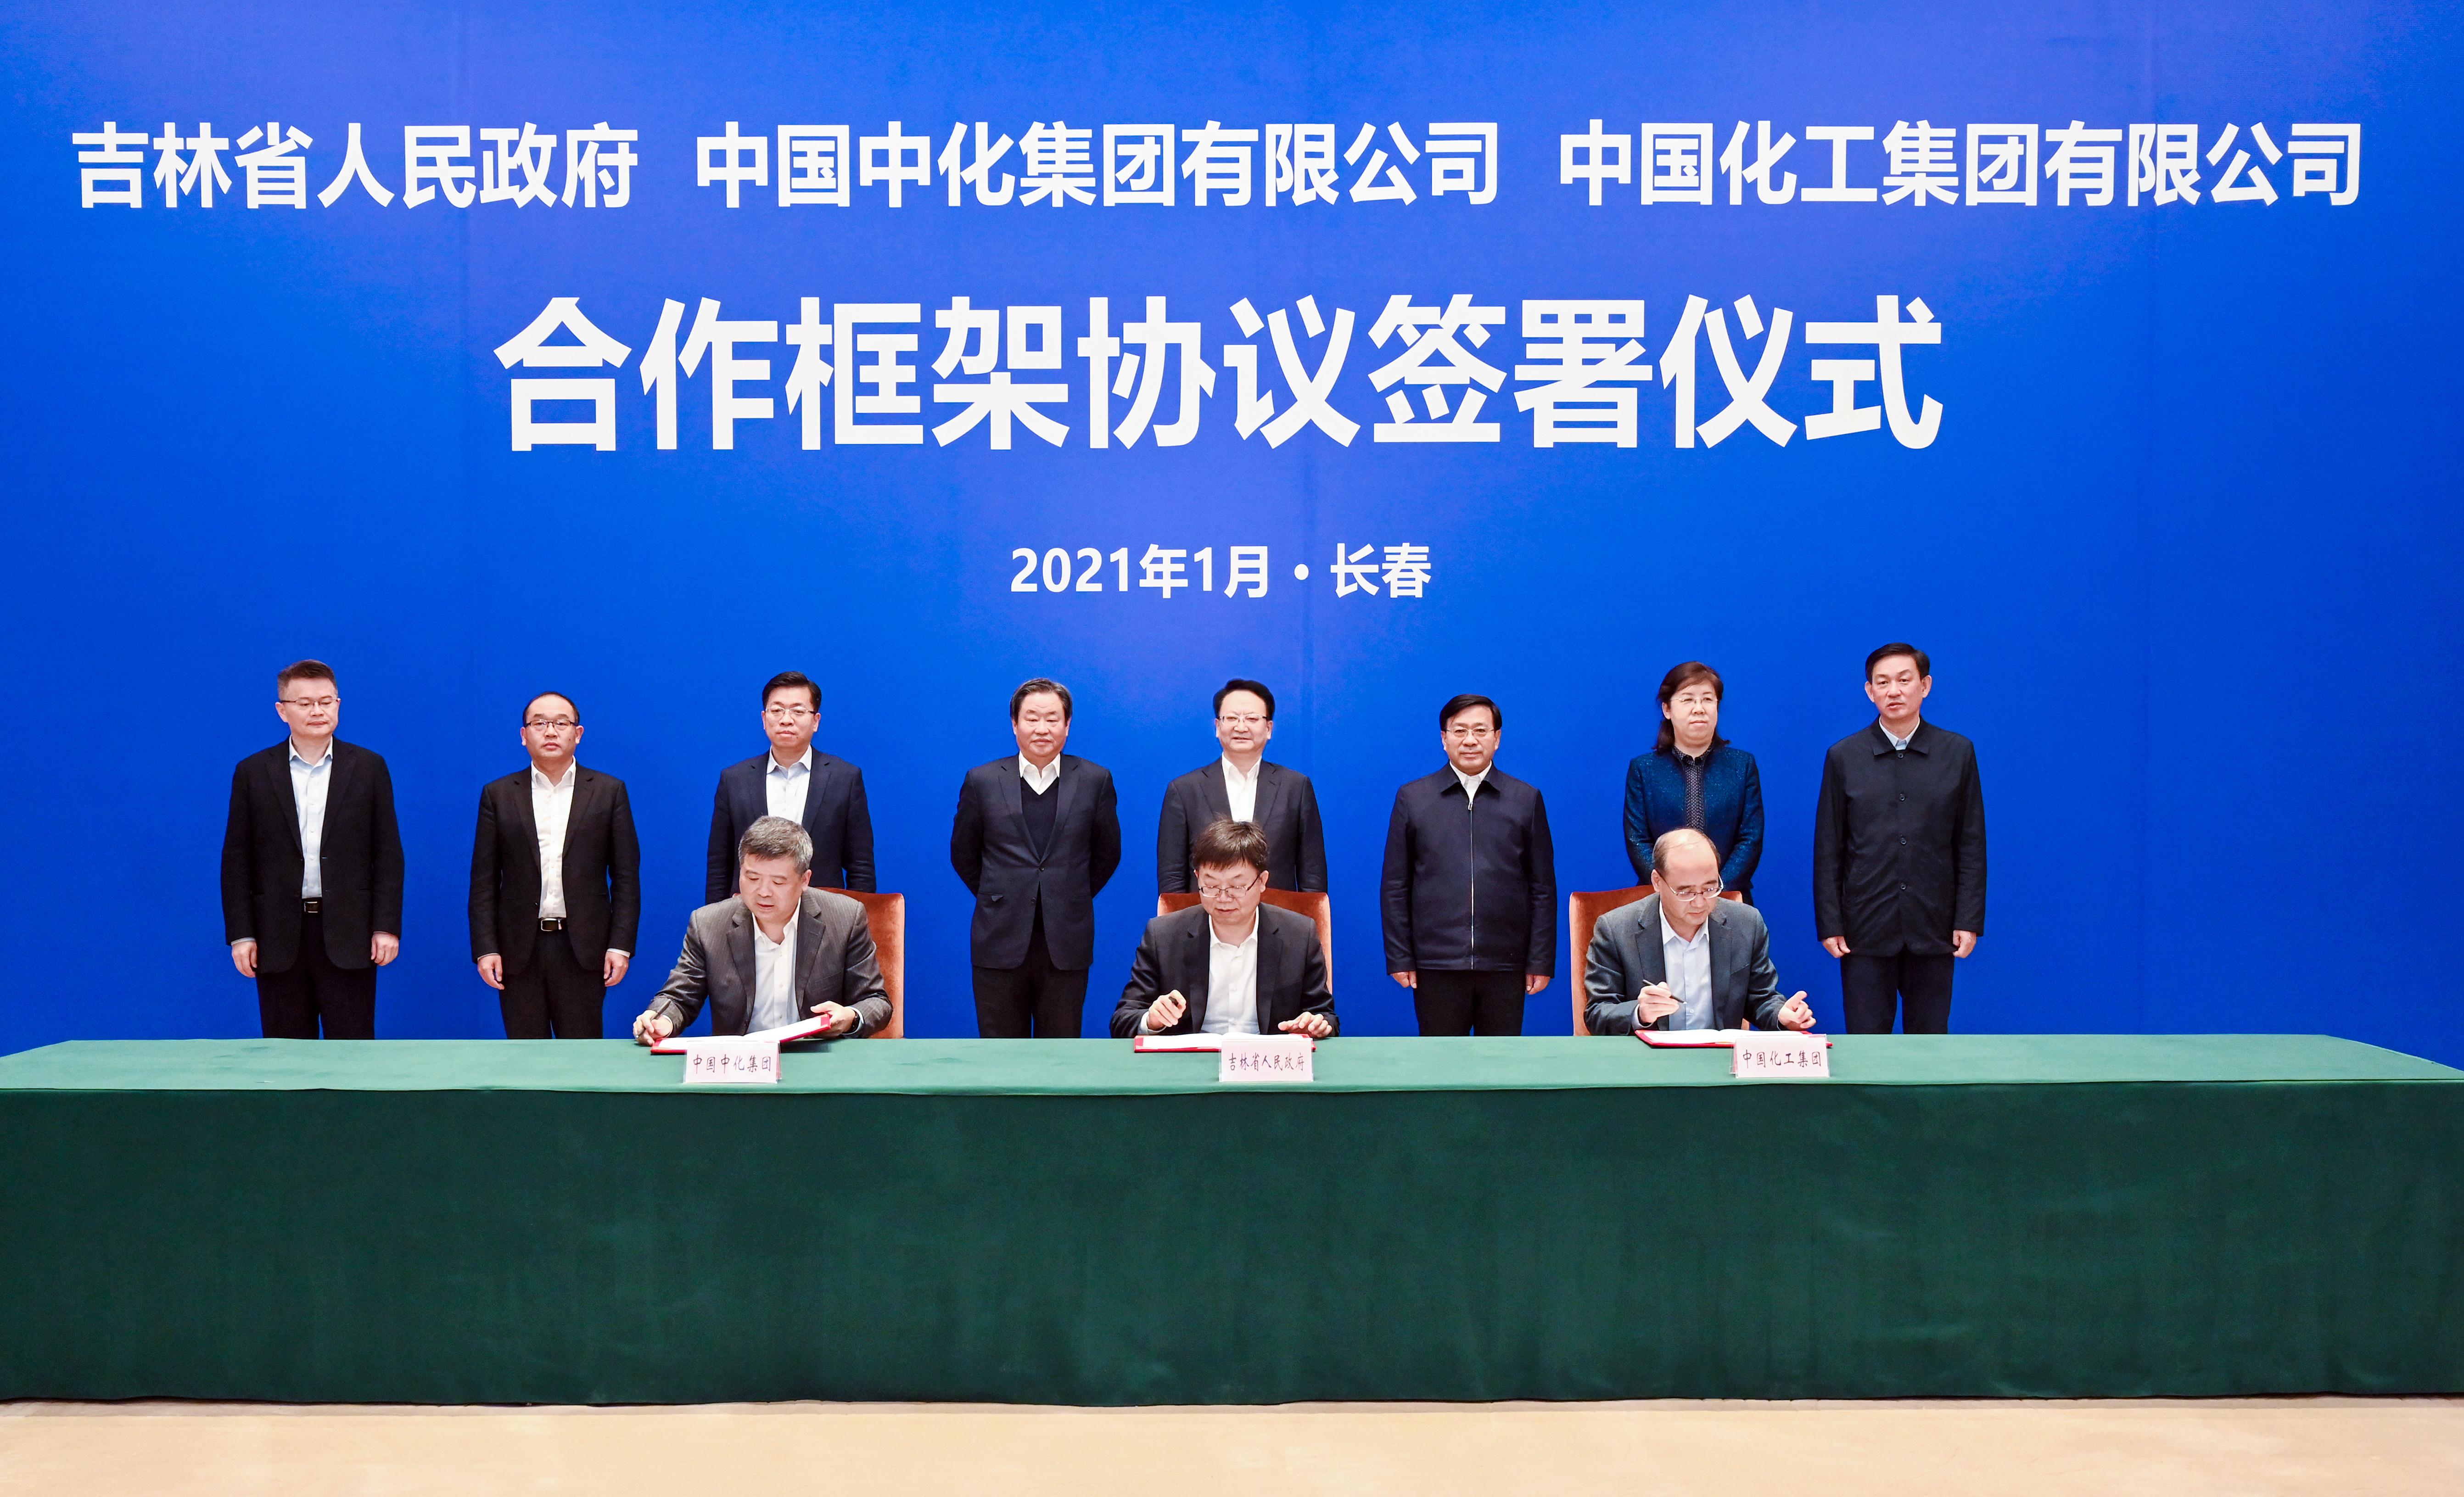 吉林省政府与中国中化集团中国化工集团签署合作框架协议